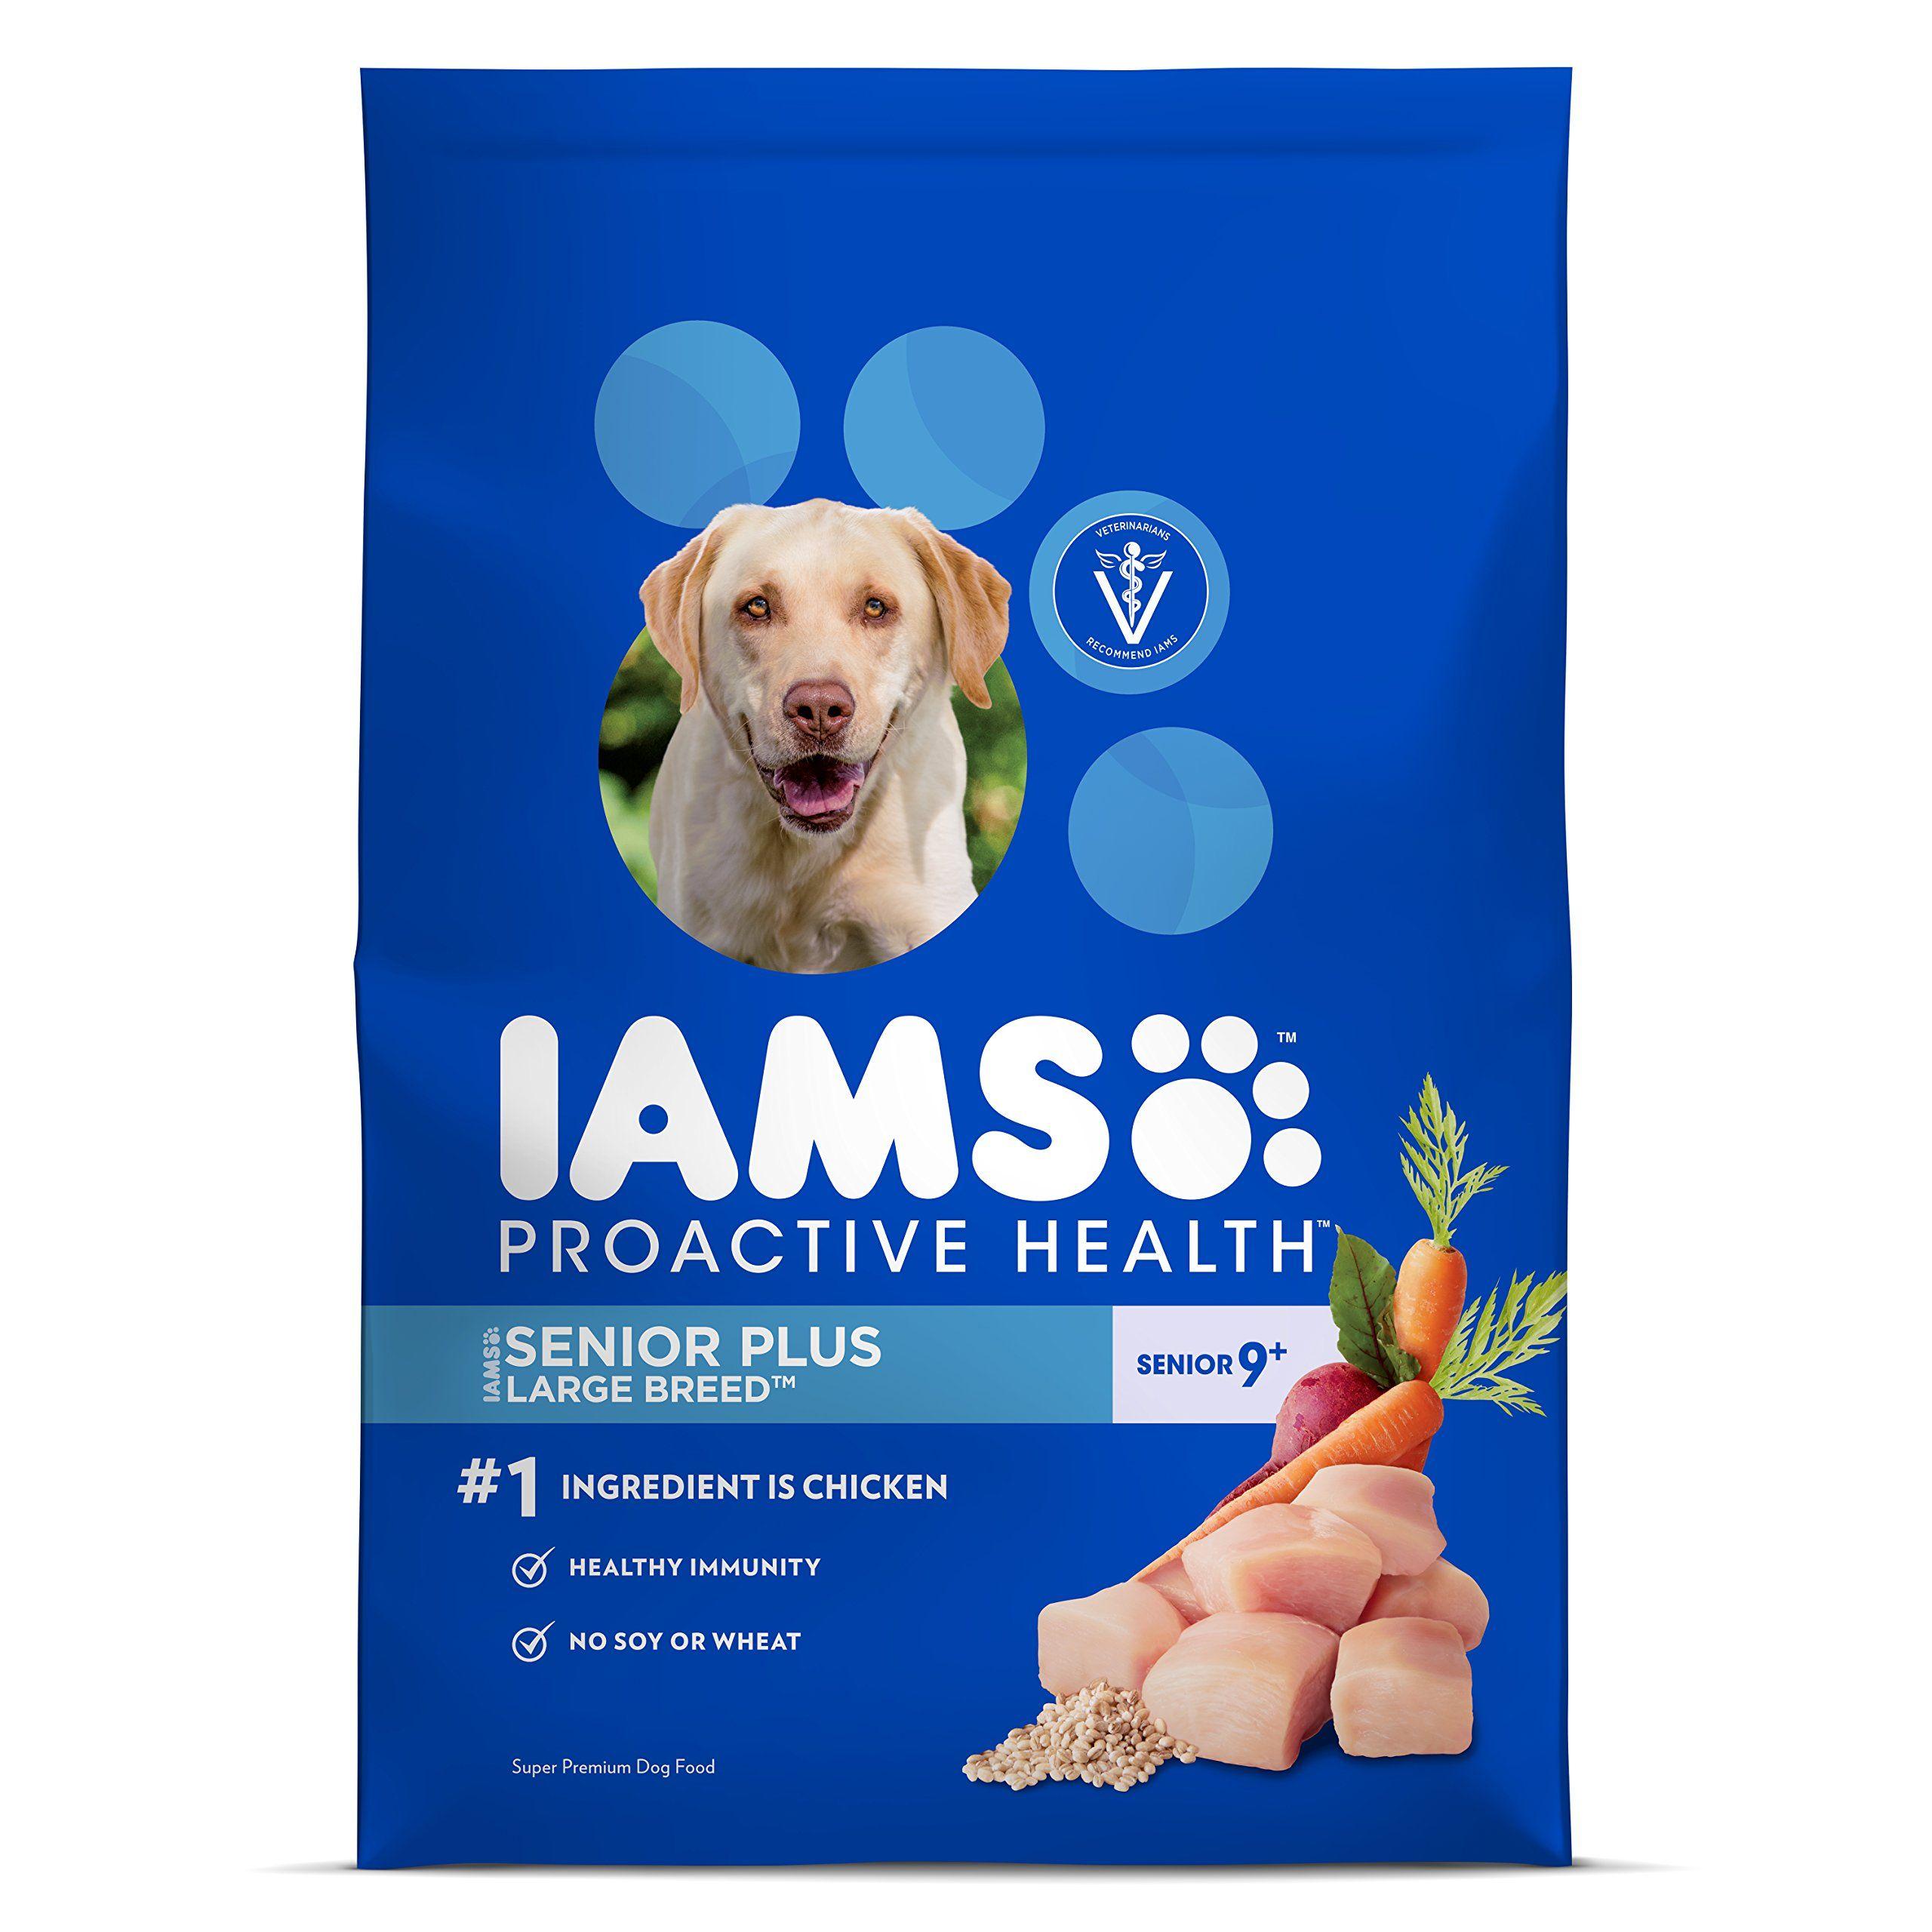 Iams Proactive Health Large Breed Senior Plus Premium Dry Dog Food